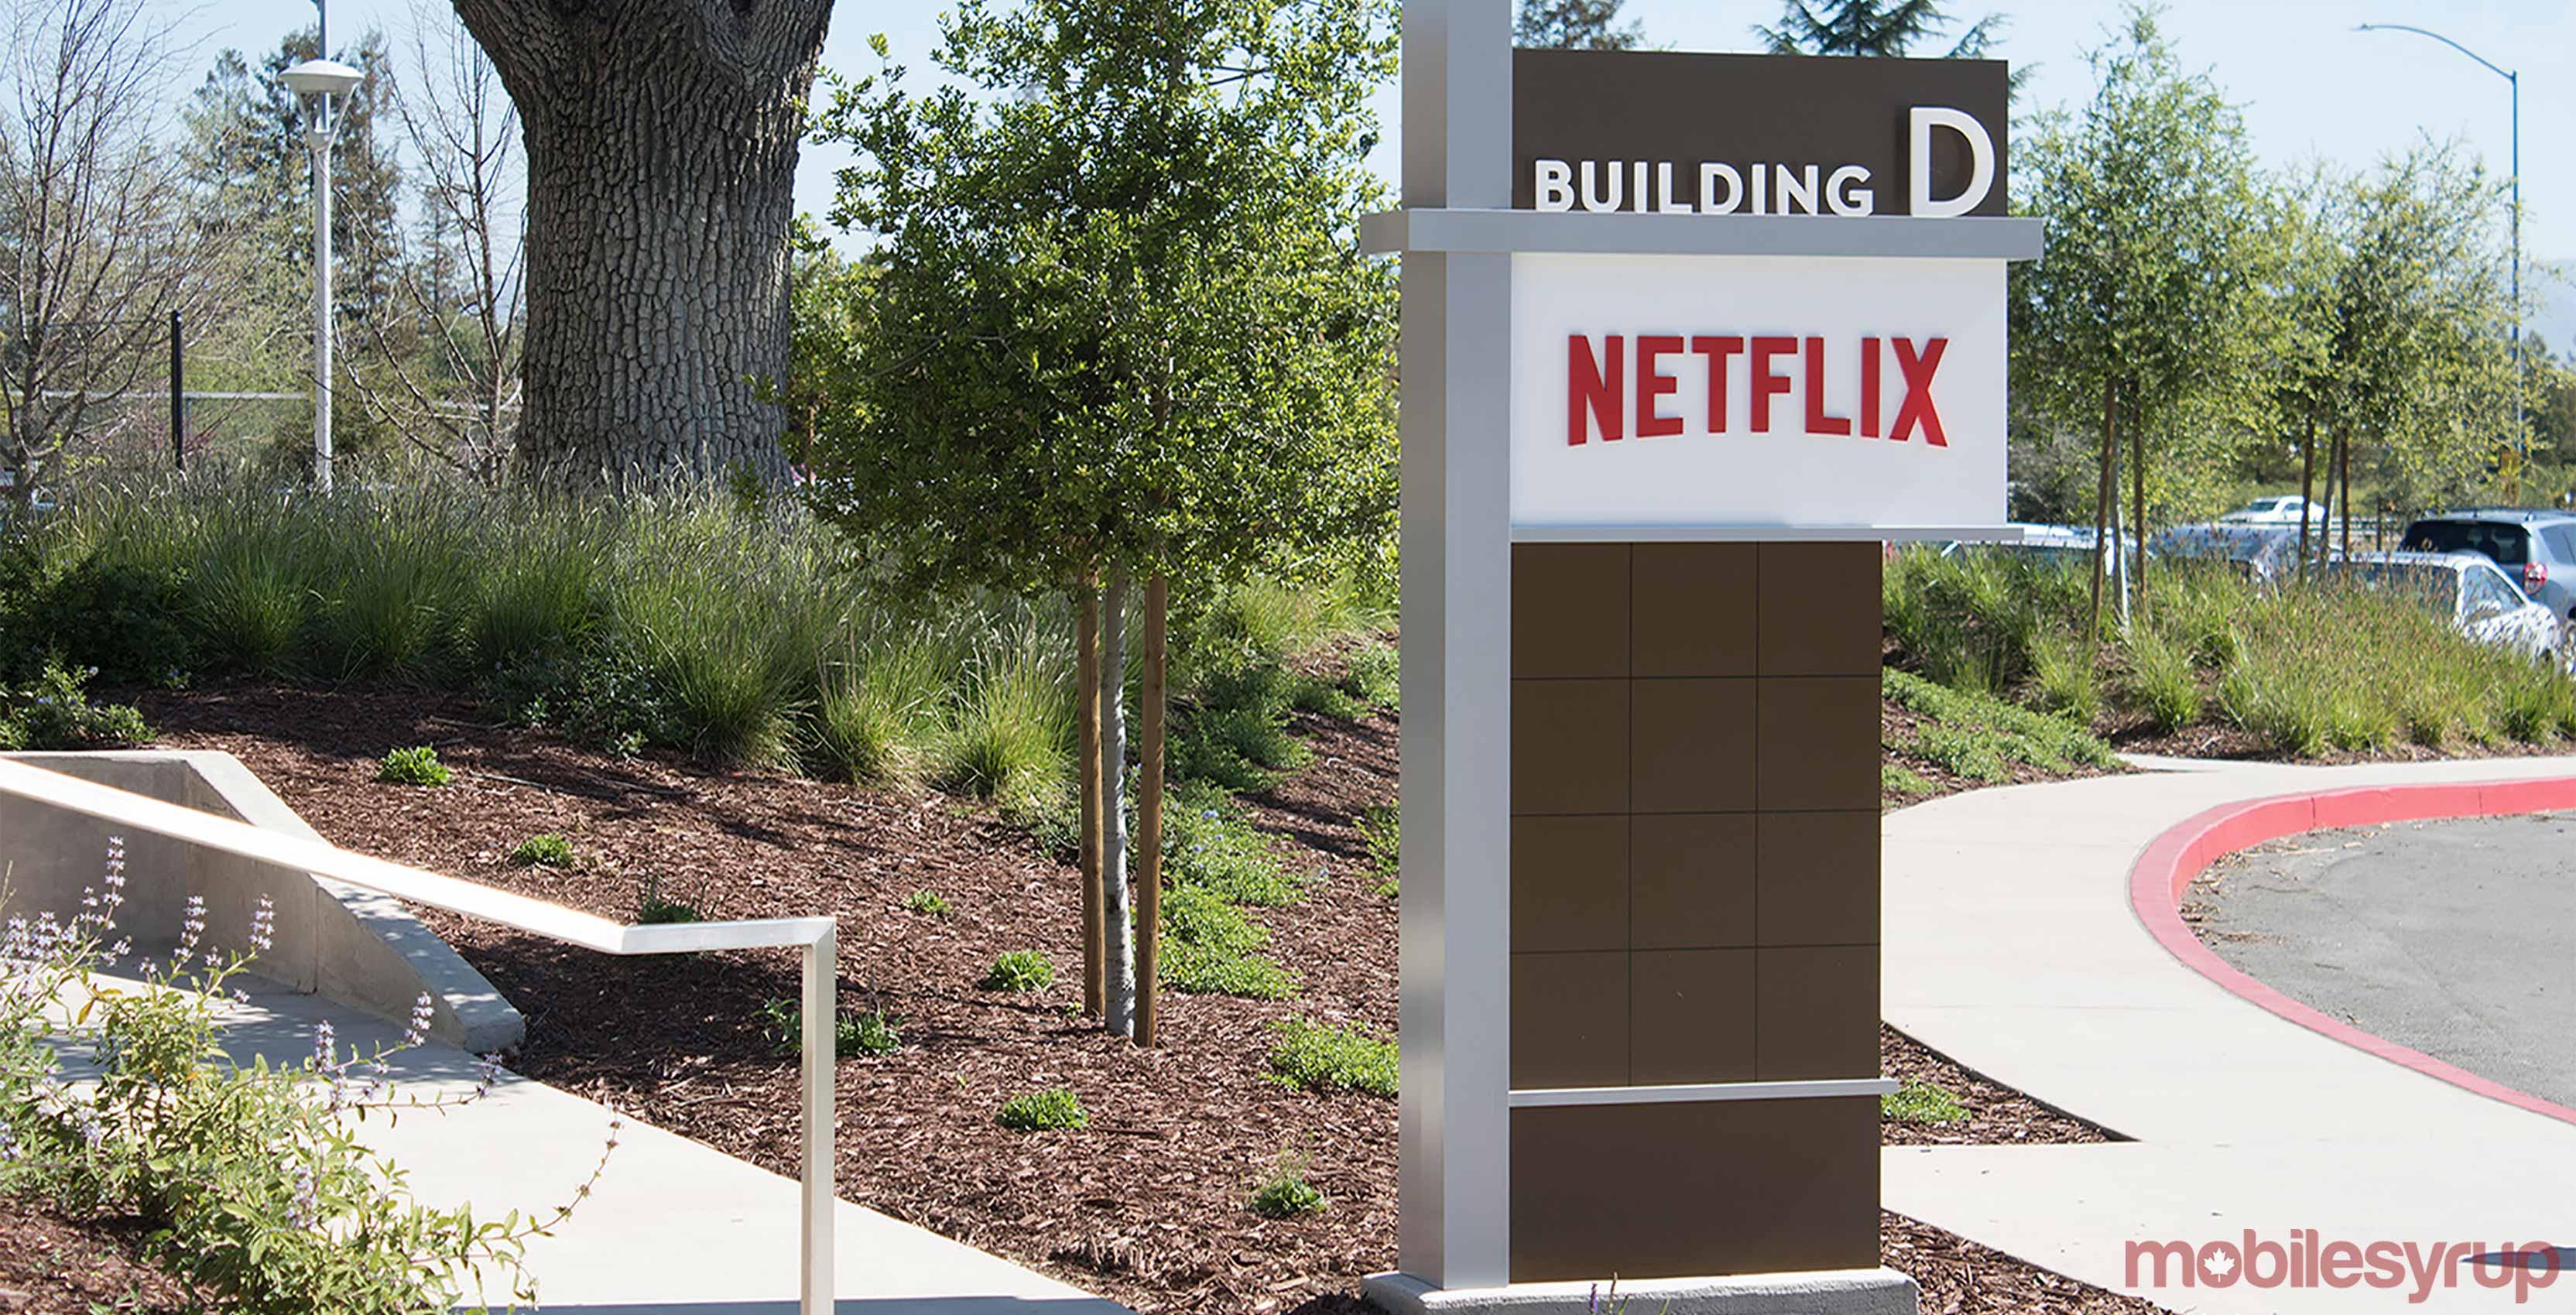 Netflix head office